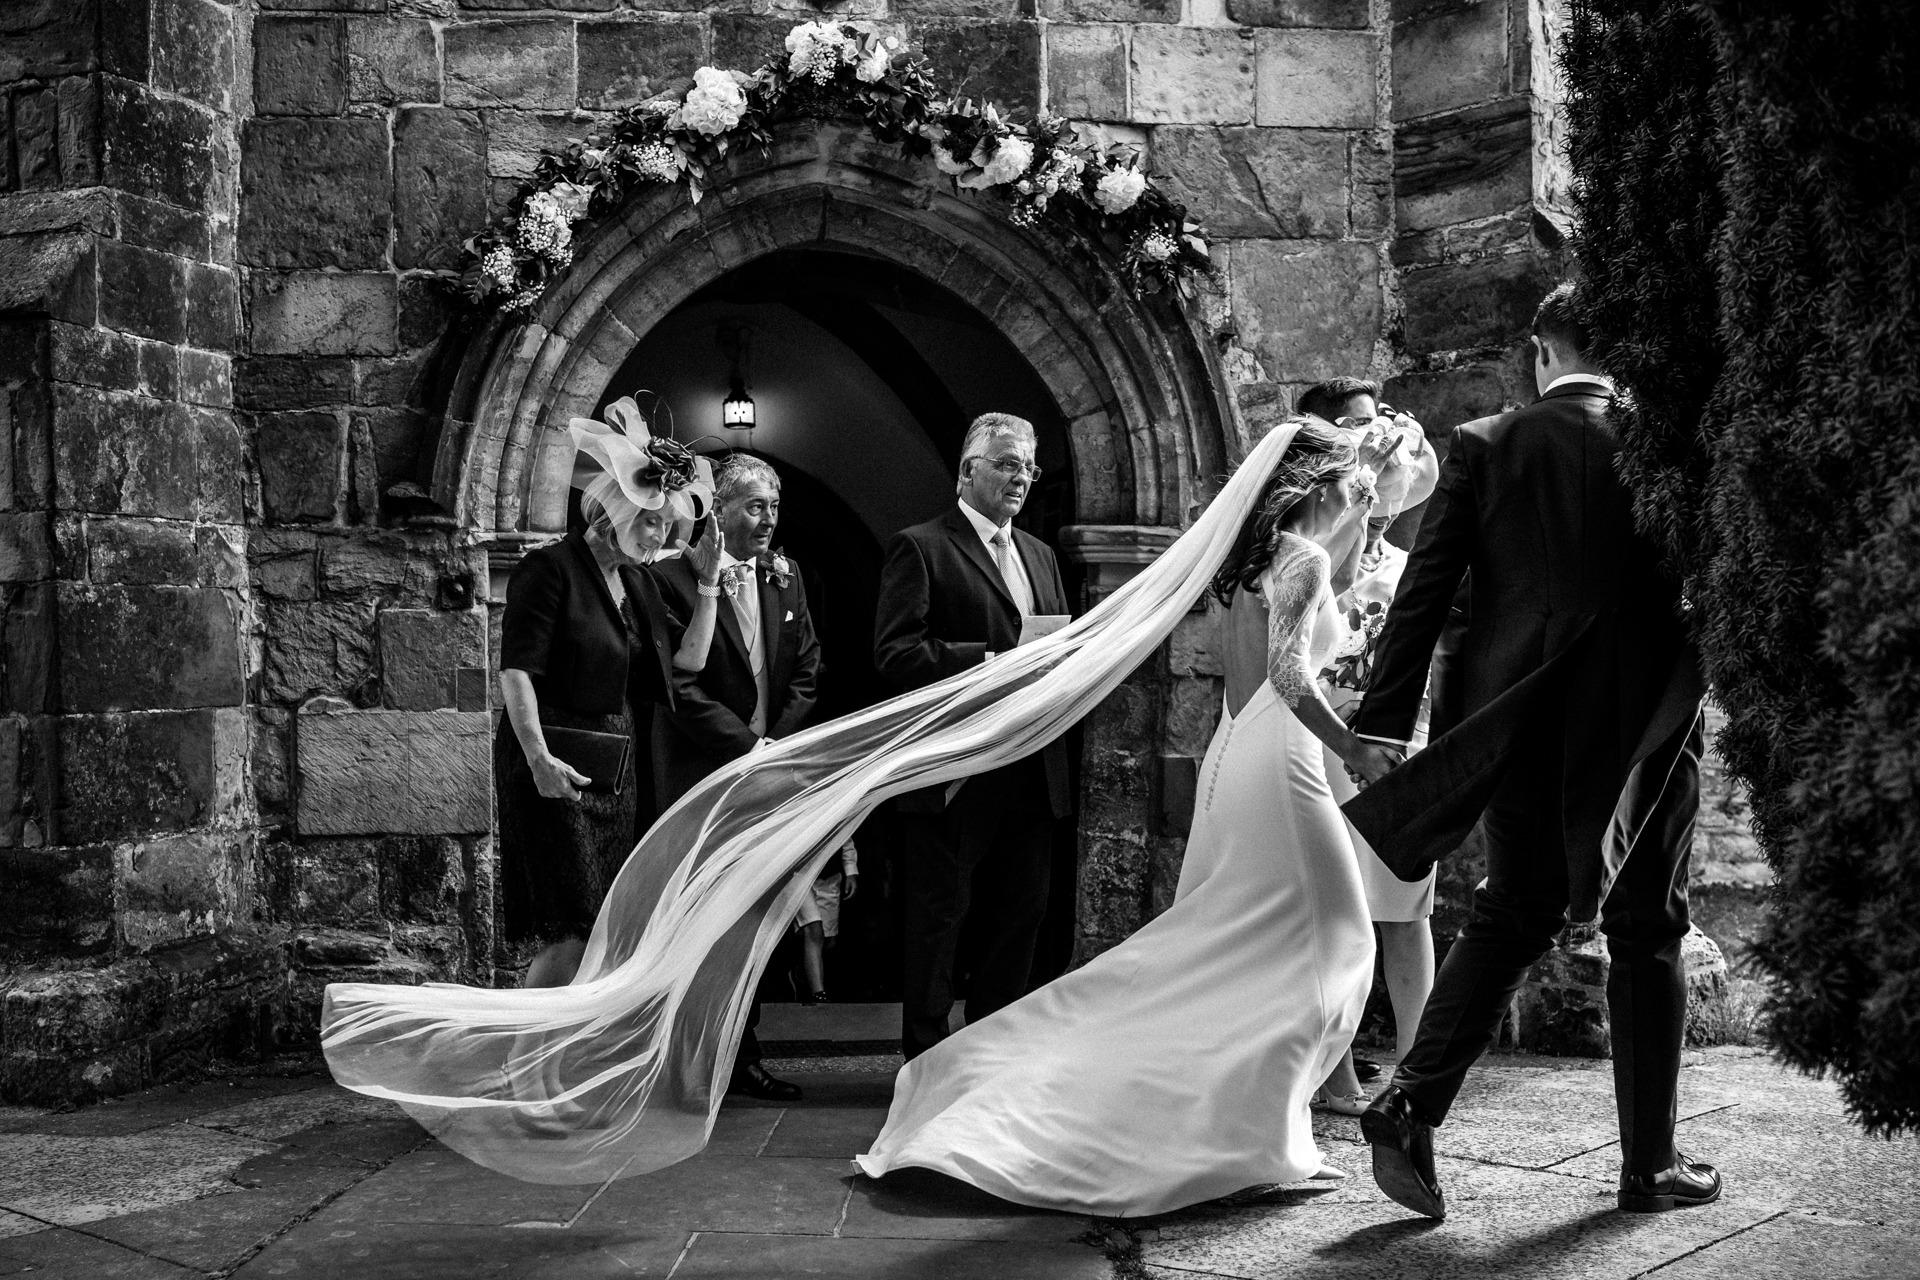 Paul Rogers, di Hertfordshire, è un fotografo di matrimoni per Ticehurst, nel Regno Unito